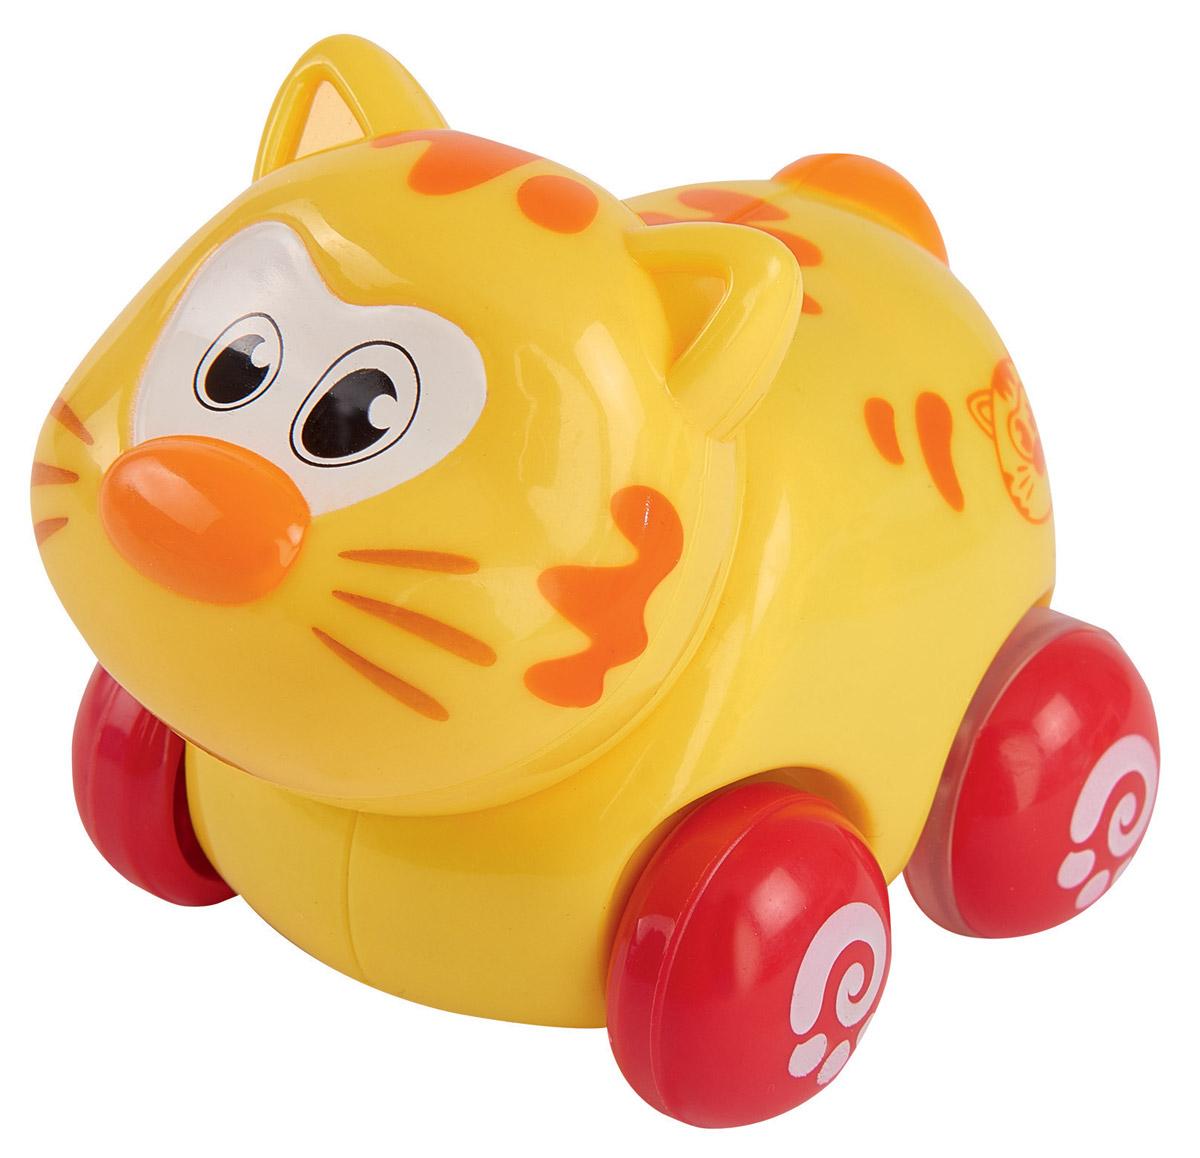 Simba Машинка-игрушка Котик simba машинка игрушка лев